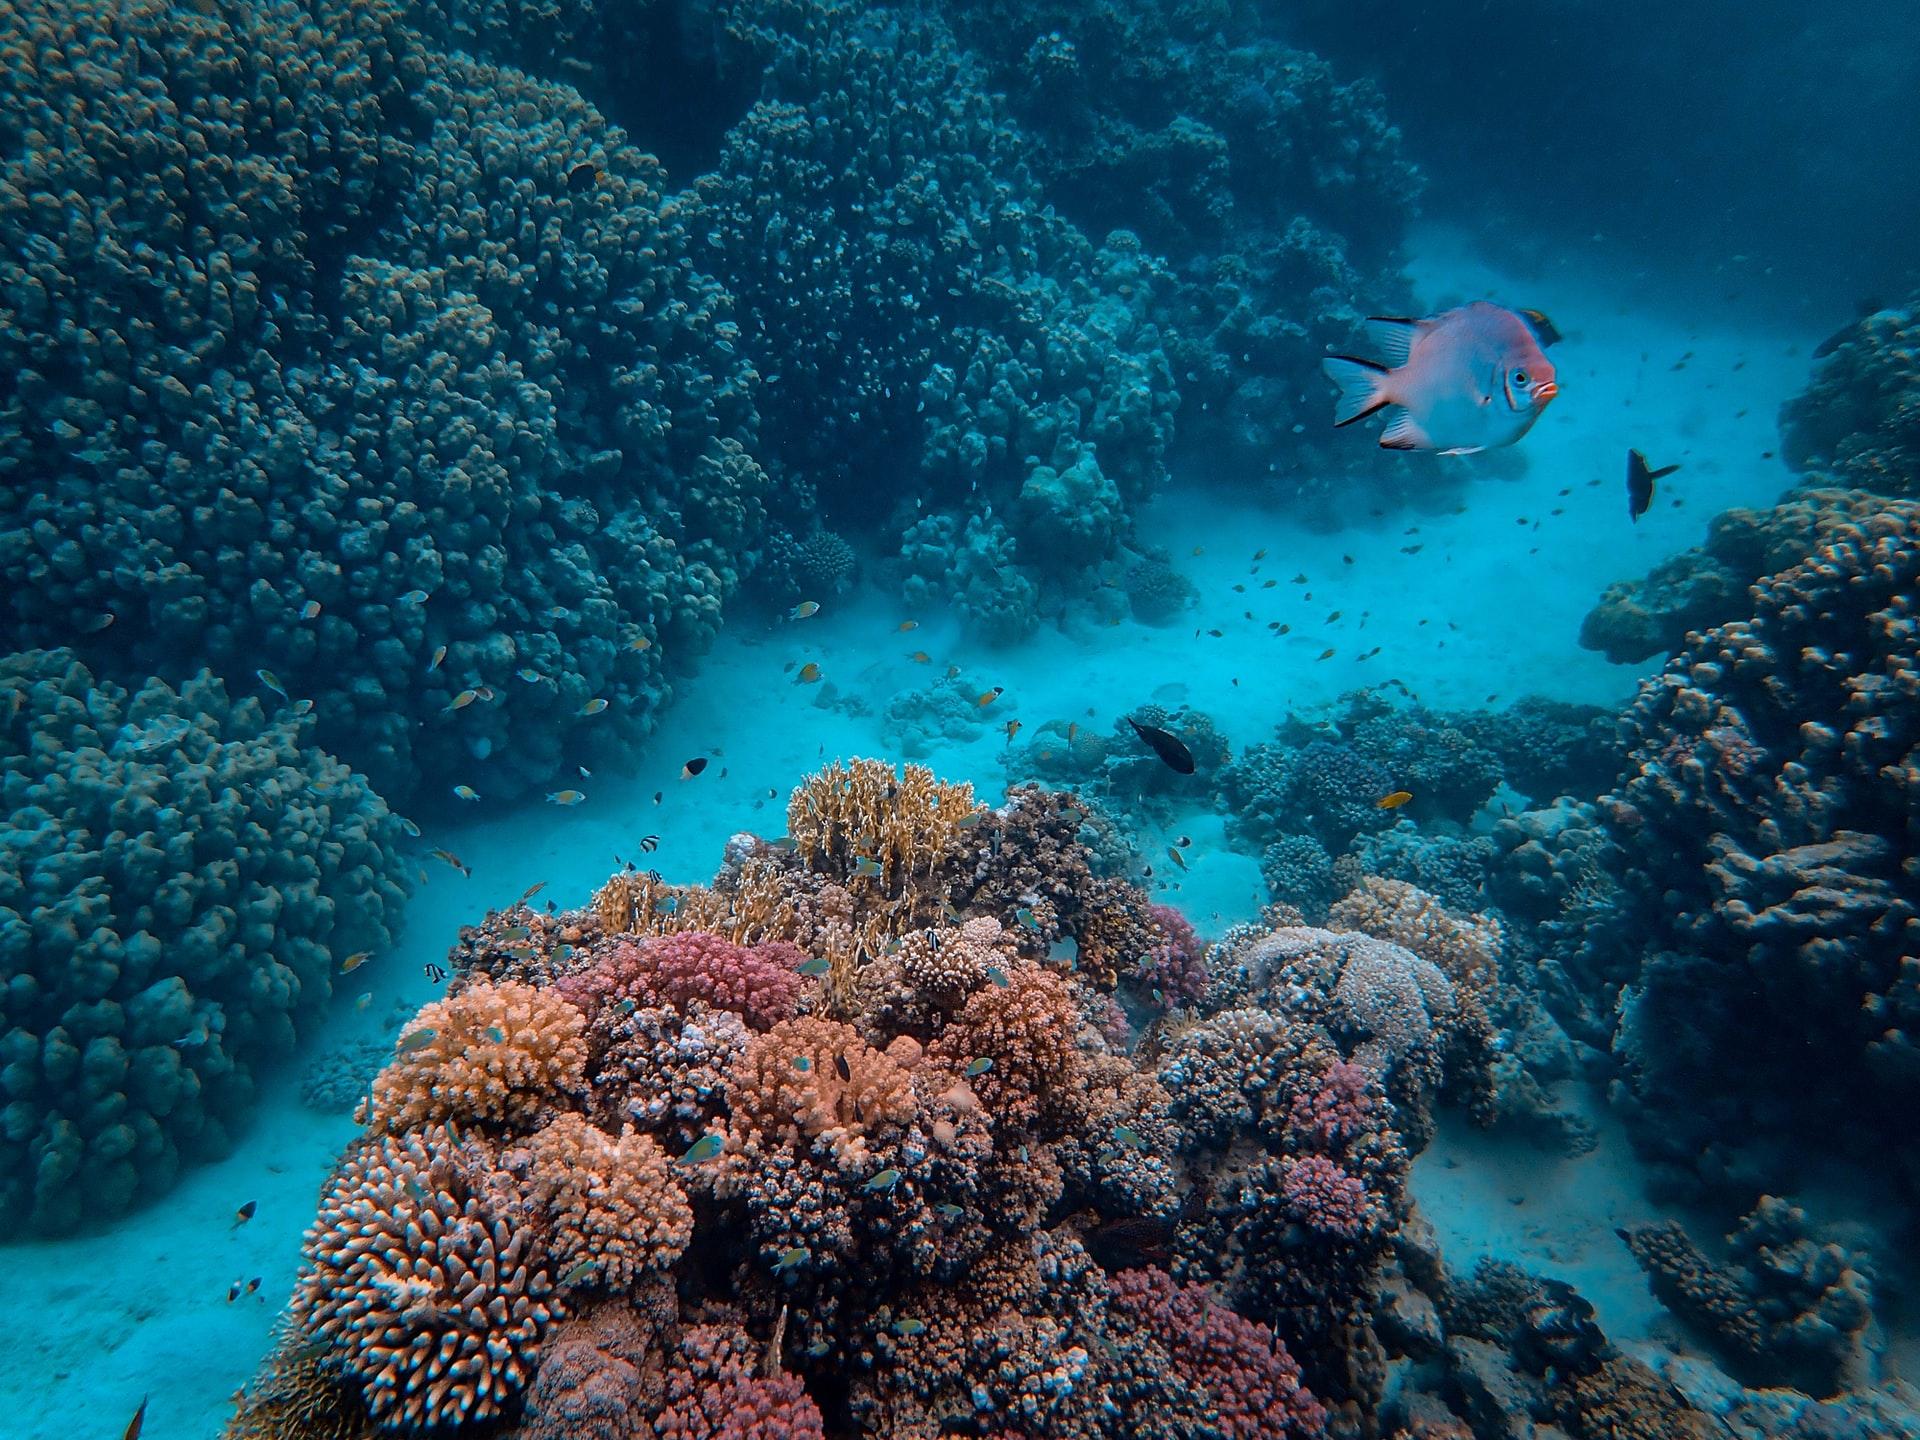 サンゴ礁が絶滅の危機?日本の海洋の現状とは